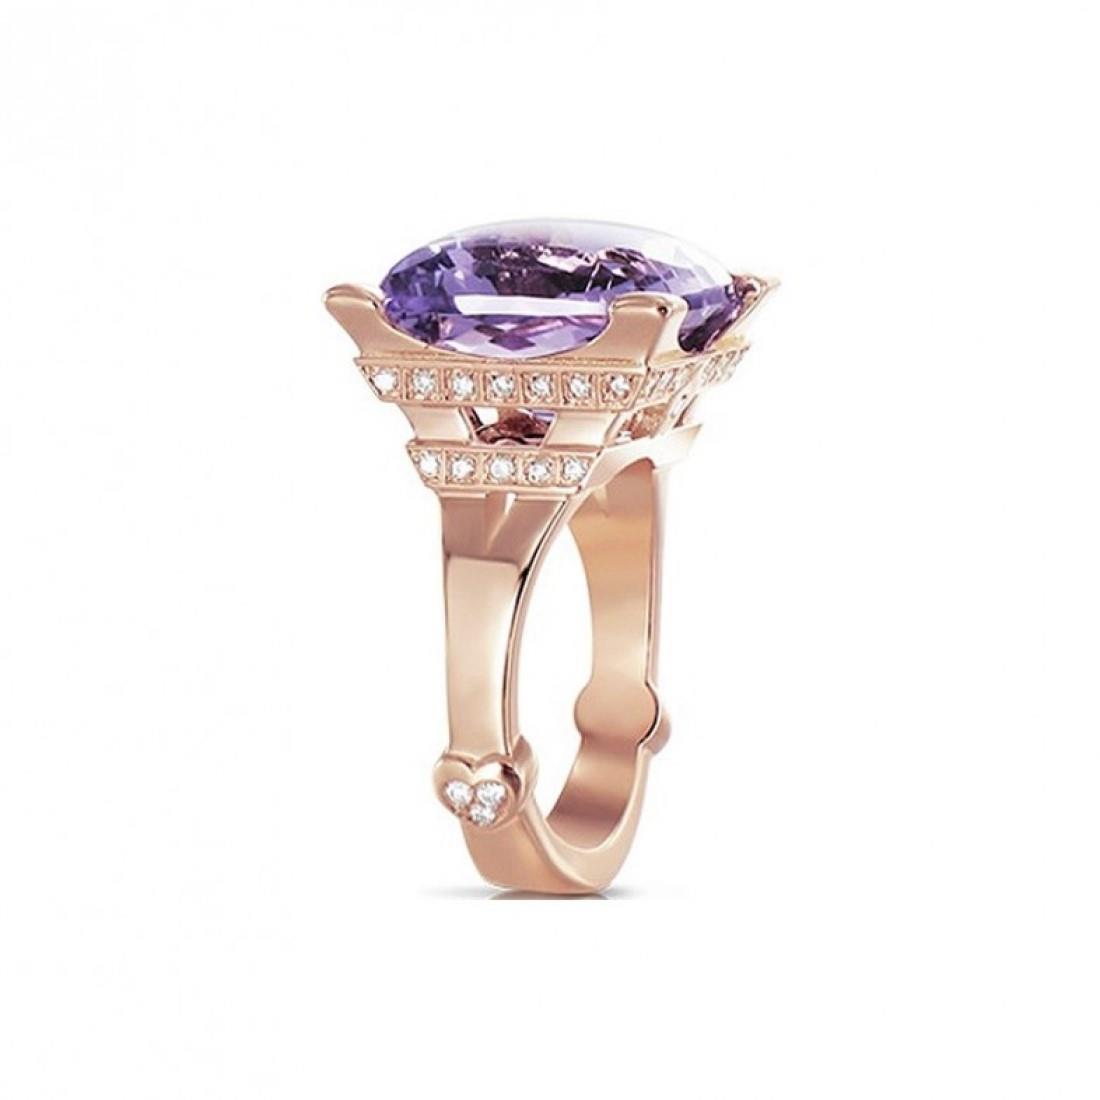 Anello con ametista e diamanti - PASQUALE BRUNI